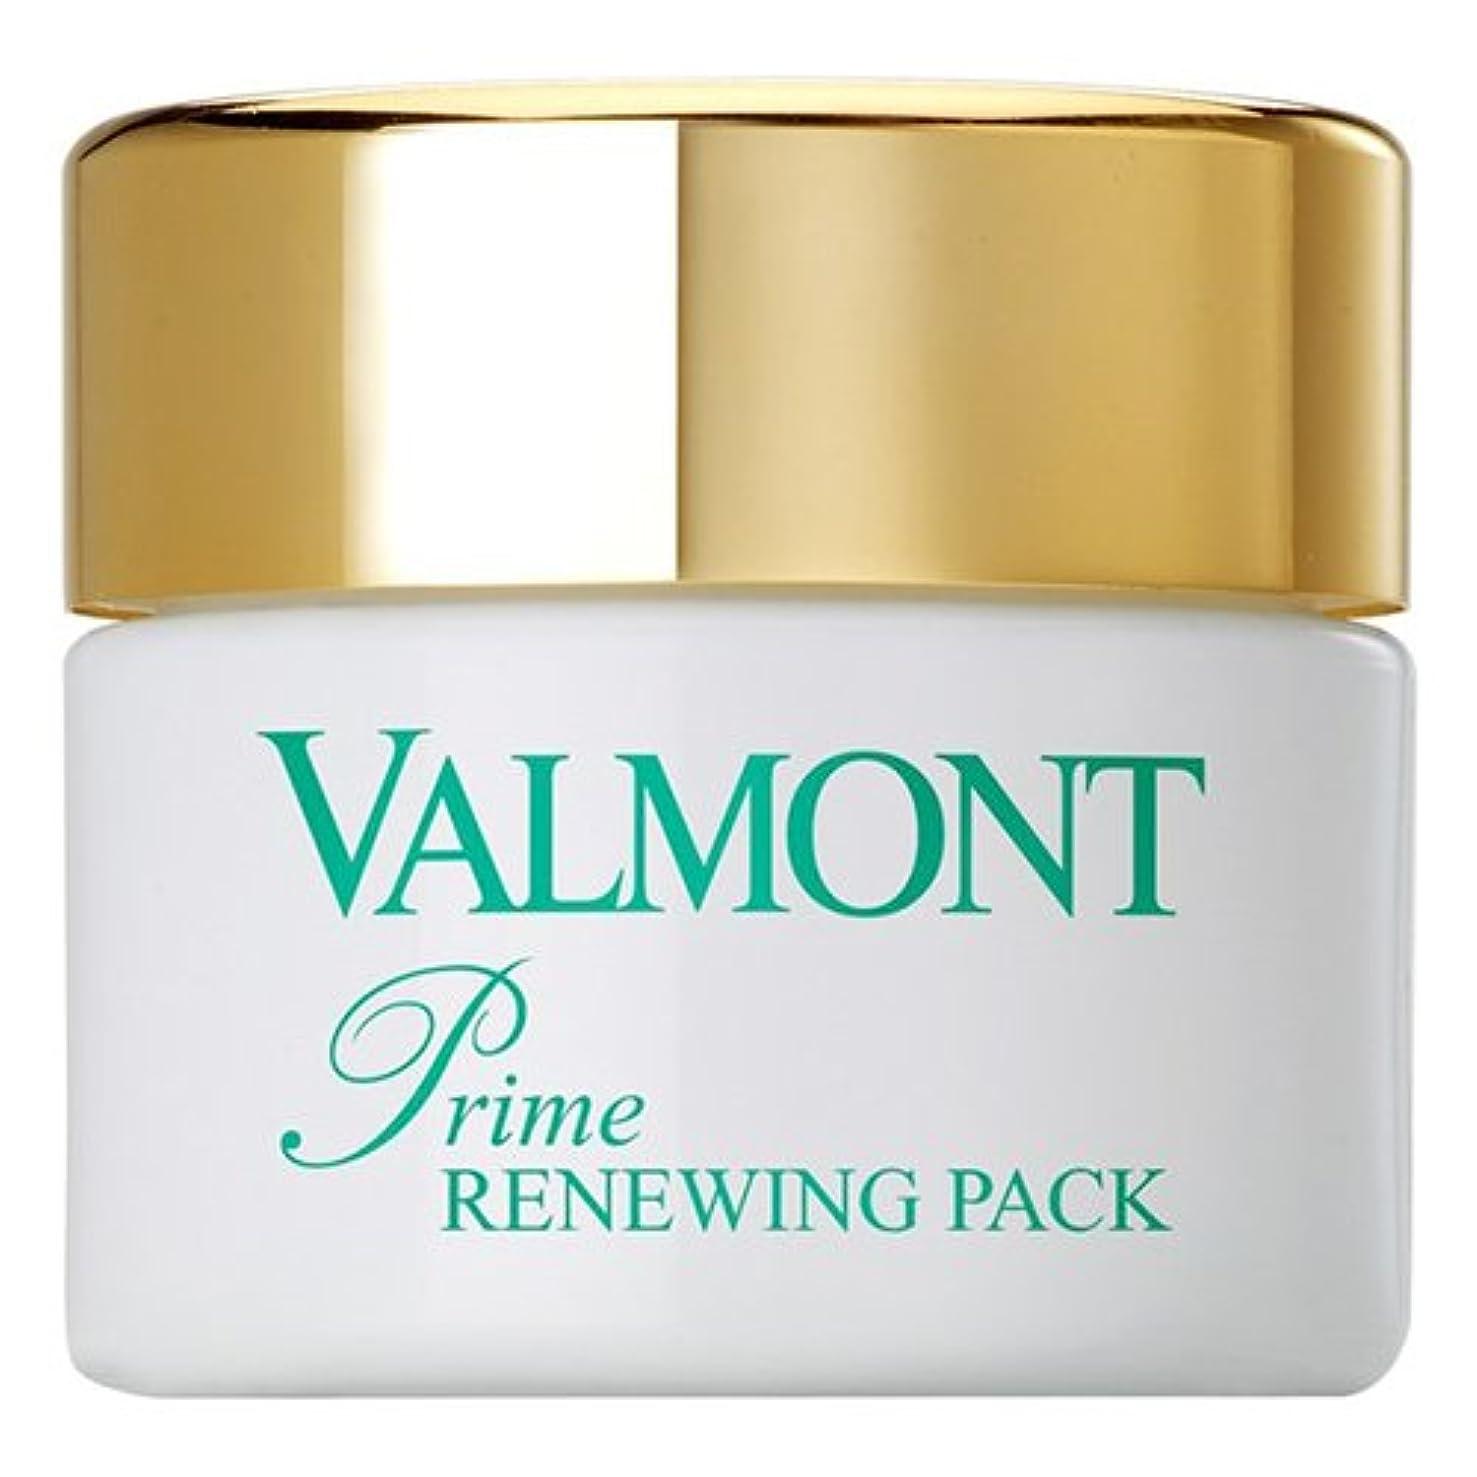 機関車加速度アナリストValmont Prime Renewing Pack, 7.0 Ounce エイジングケアマスク クリーム